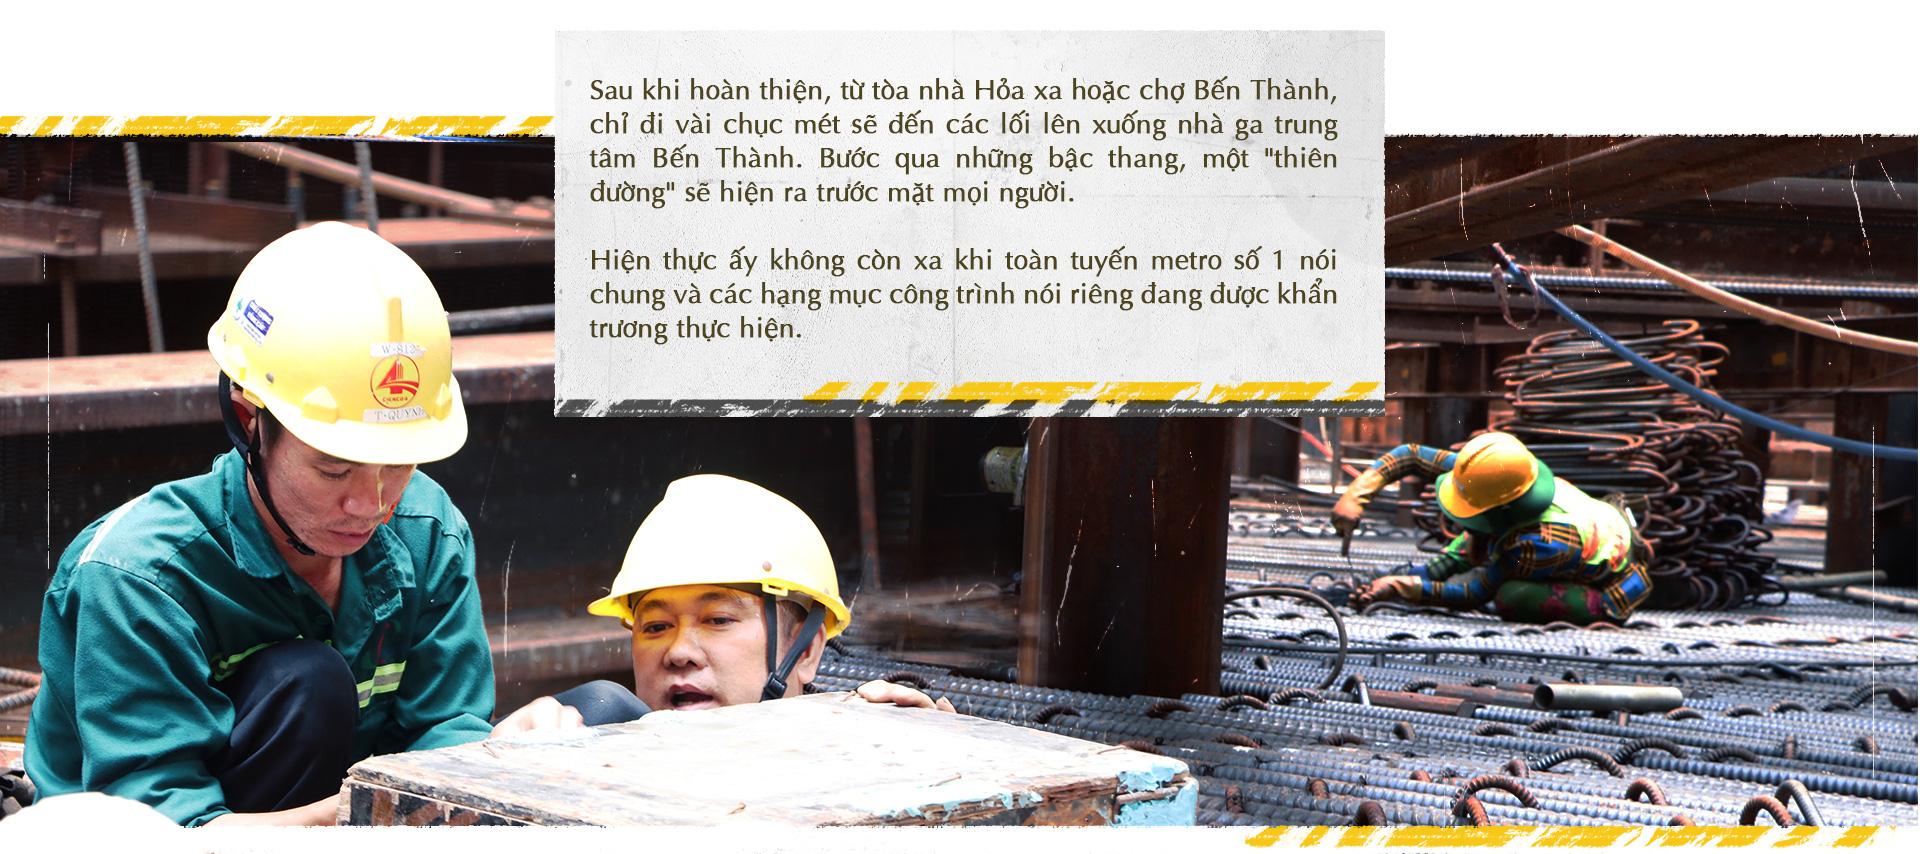 Xuống lòng đất Sài Gòn, khám phá trái tim công trình metro ngầm - Ảnh 12.